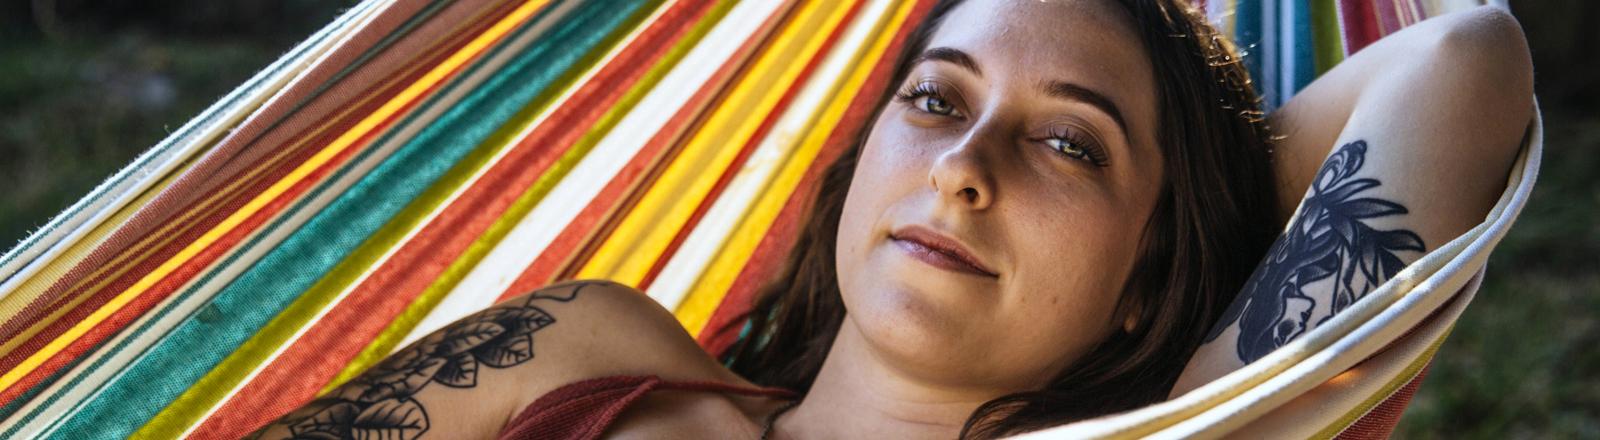 Frau liegt in einer Hängematte und entspannt sich.